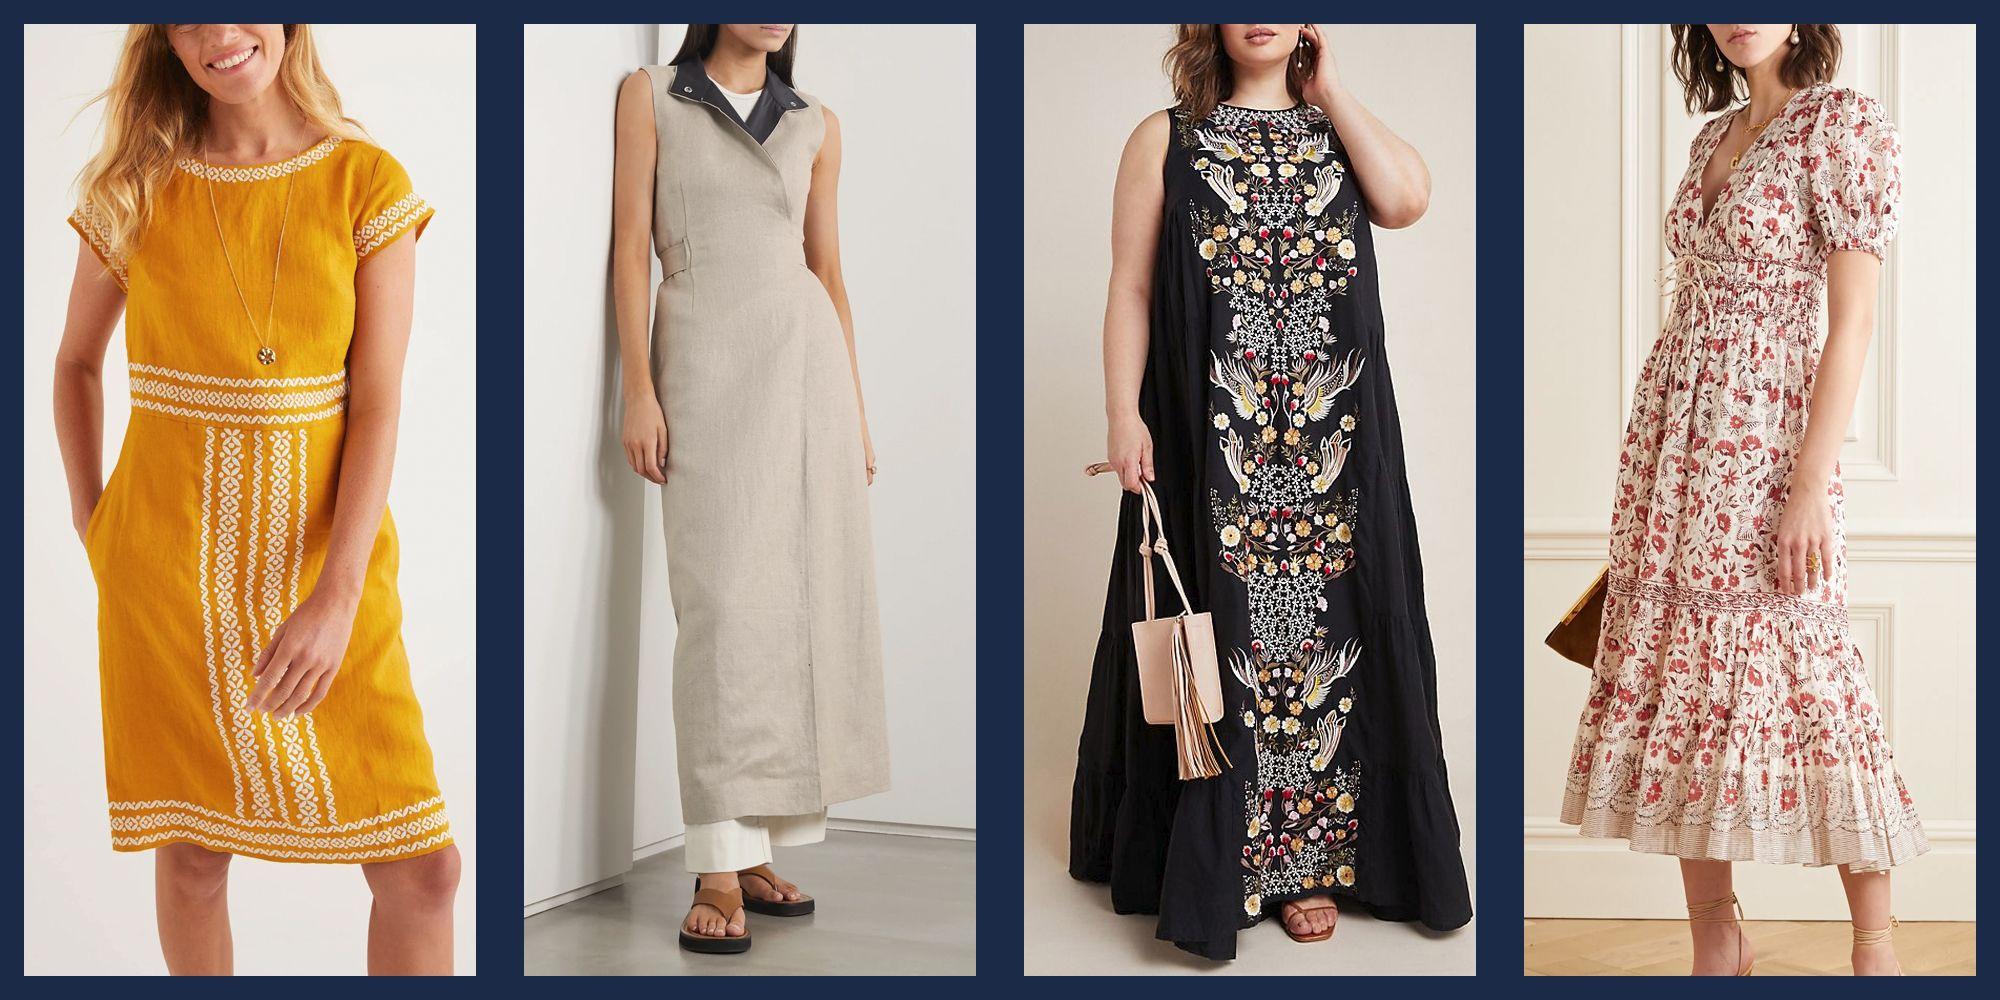 Stylish Fall Fashion Outfits